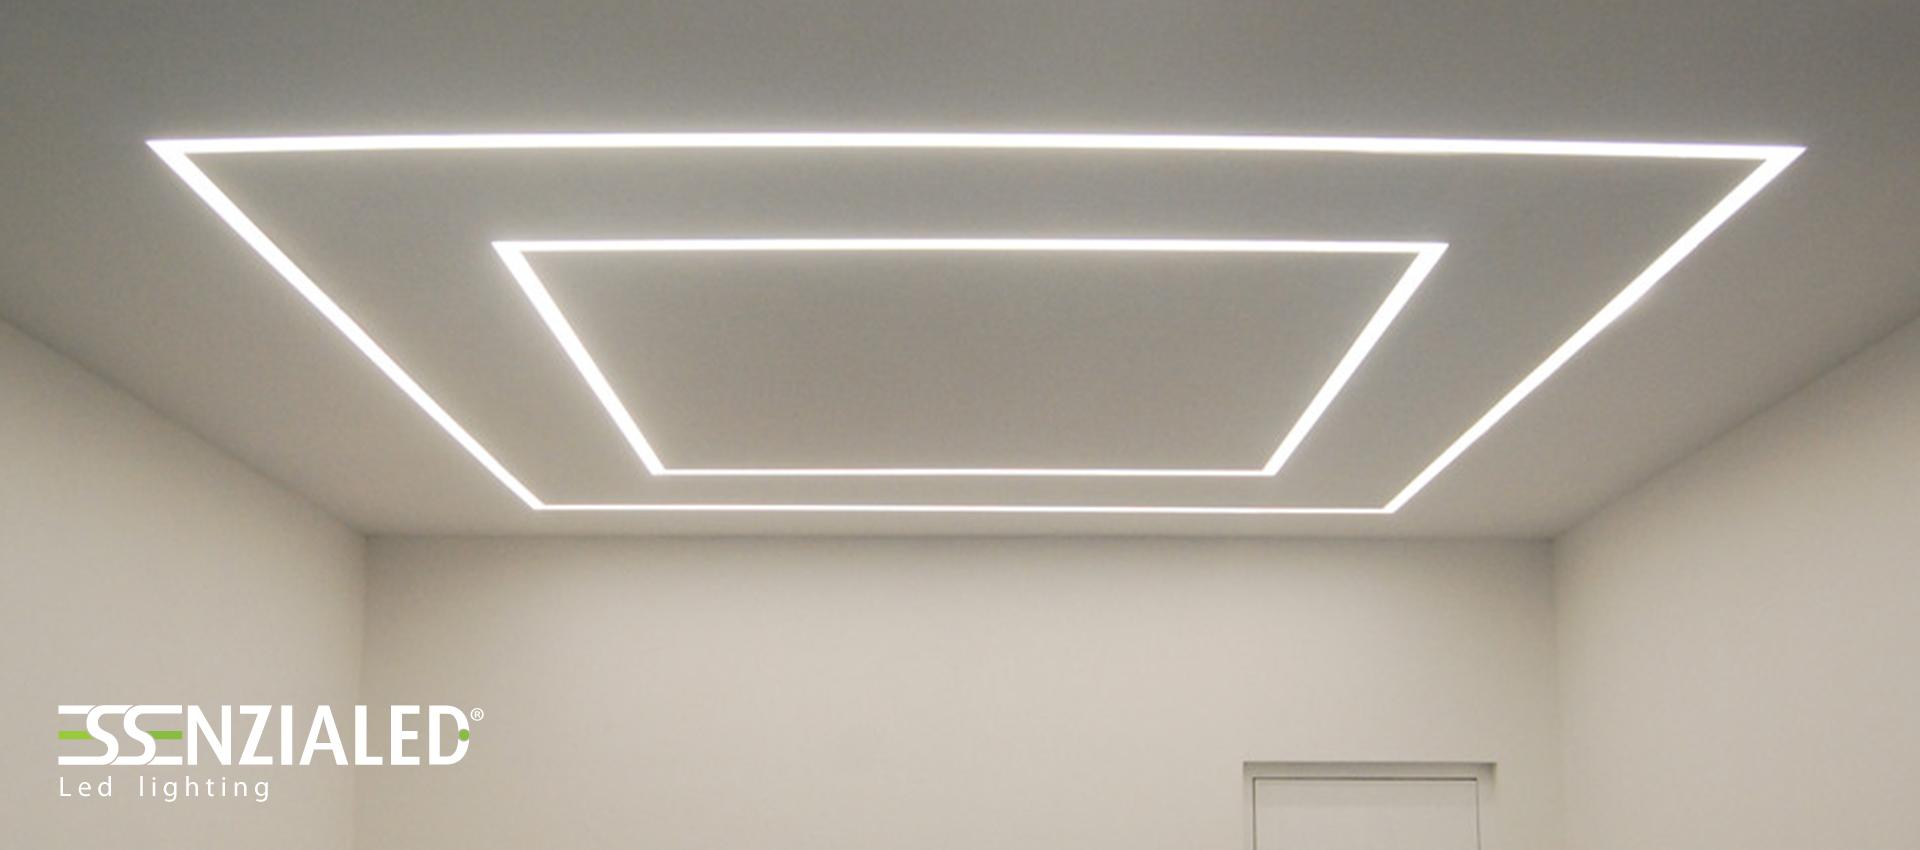 Illuminazione led per abitazioni su misura made in for Luci led a soffitto